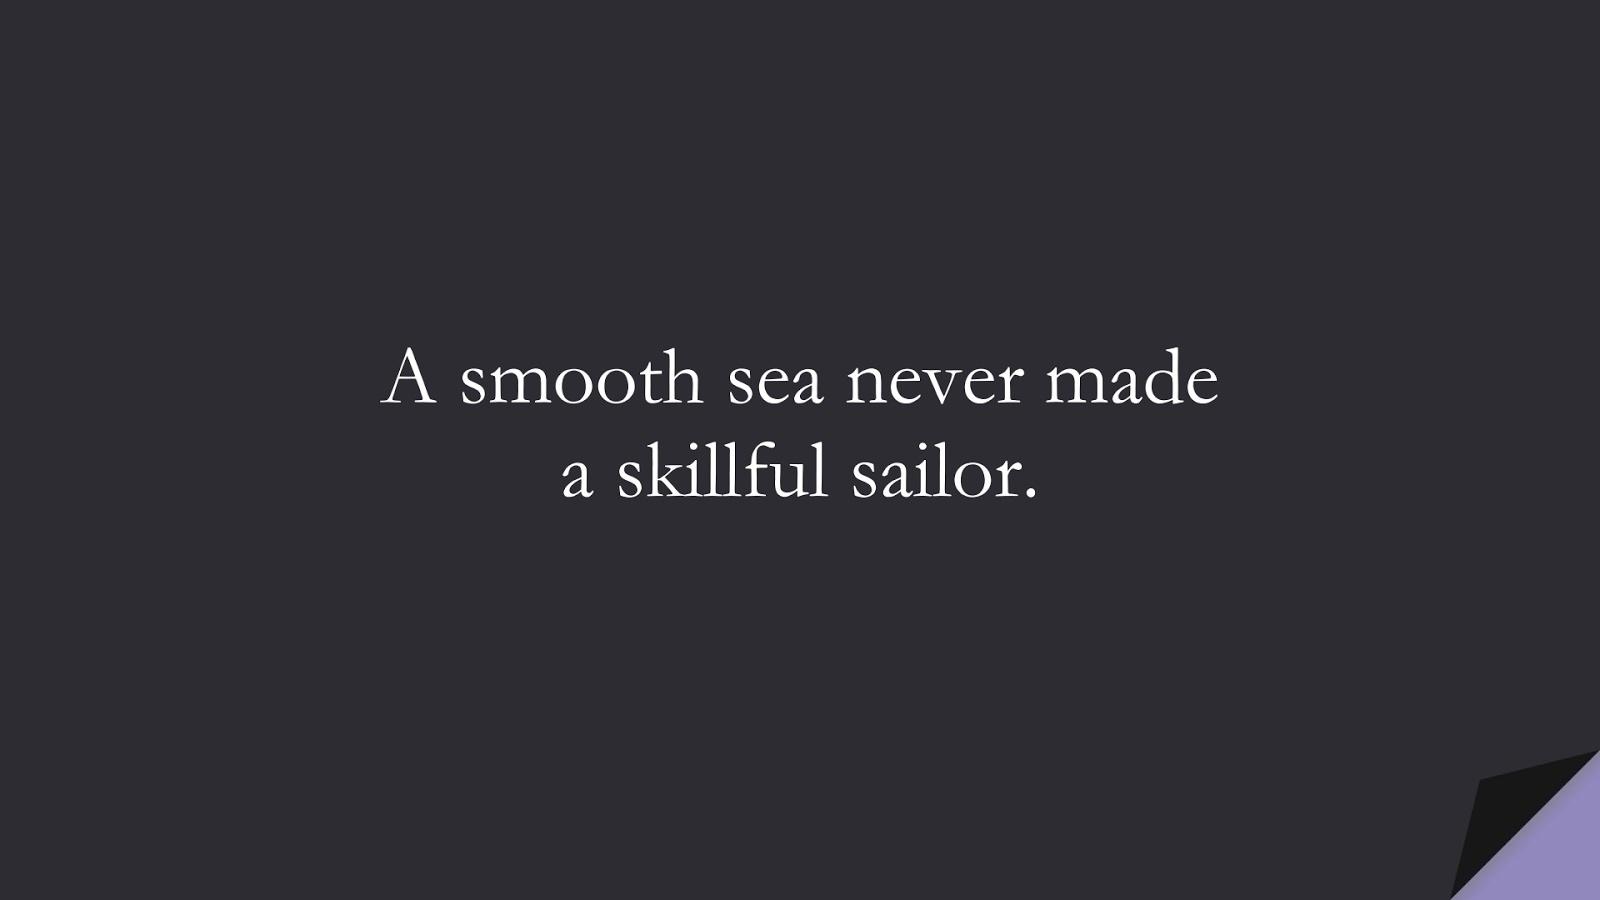 A smooth sea never made a skillful sailor.FALSE